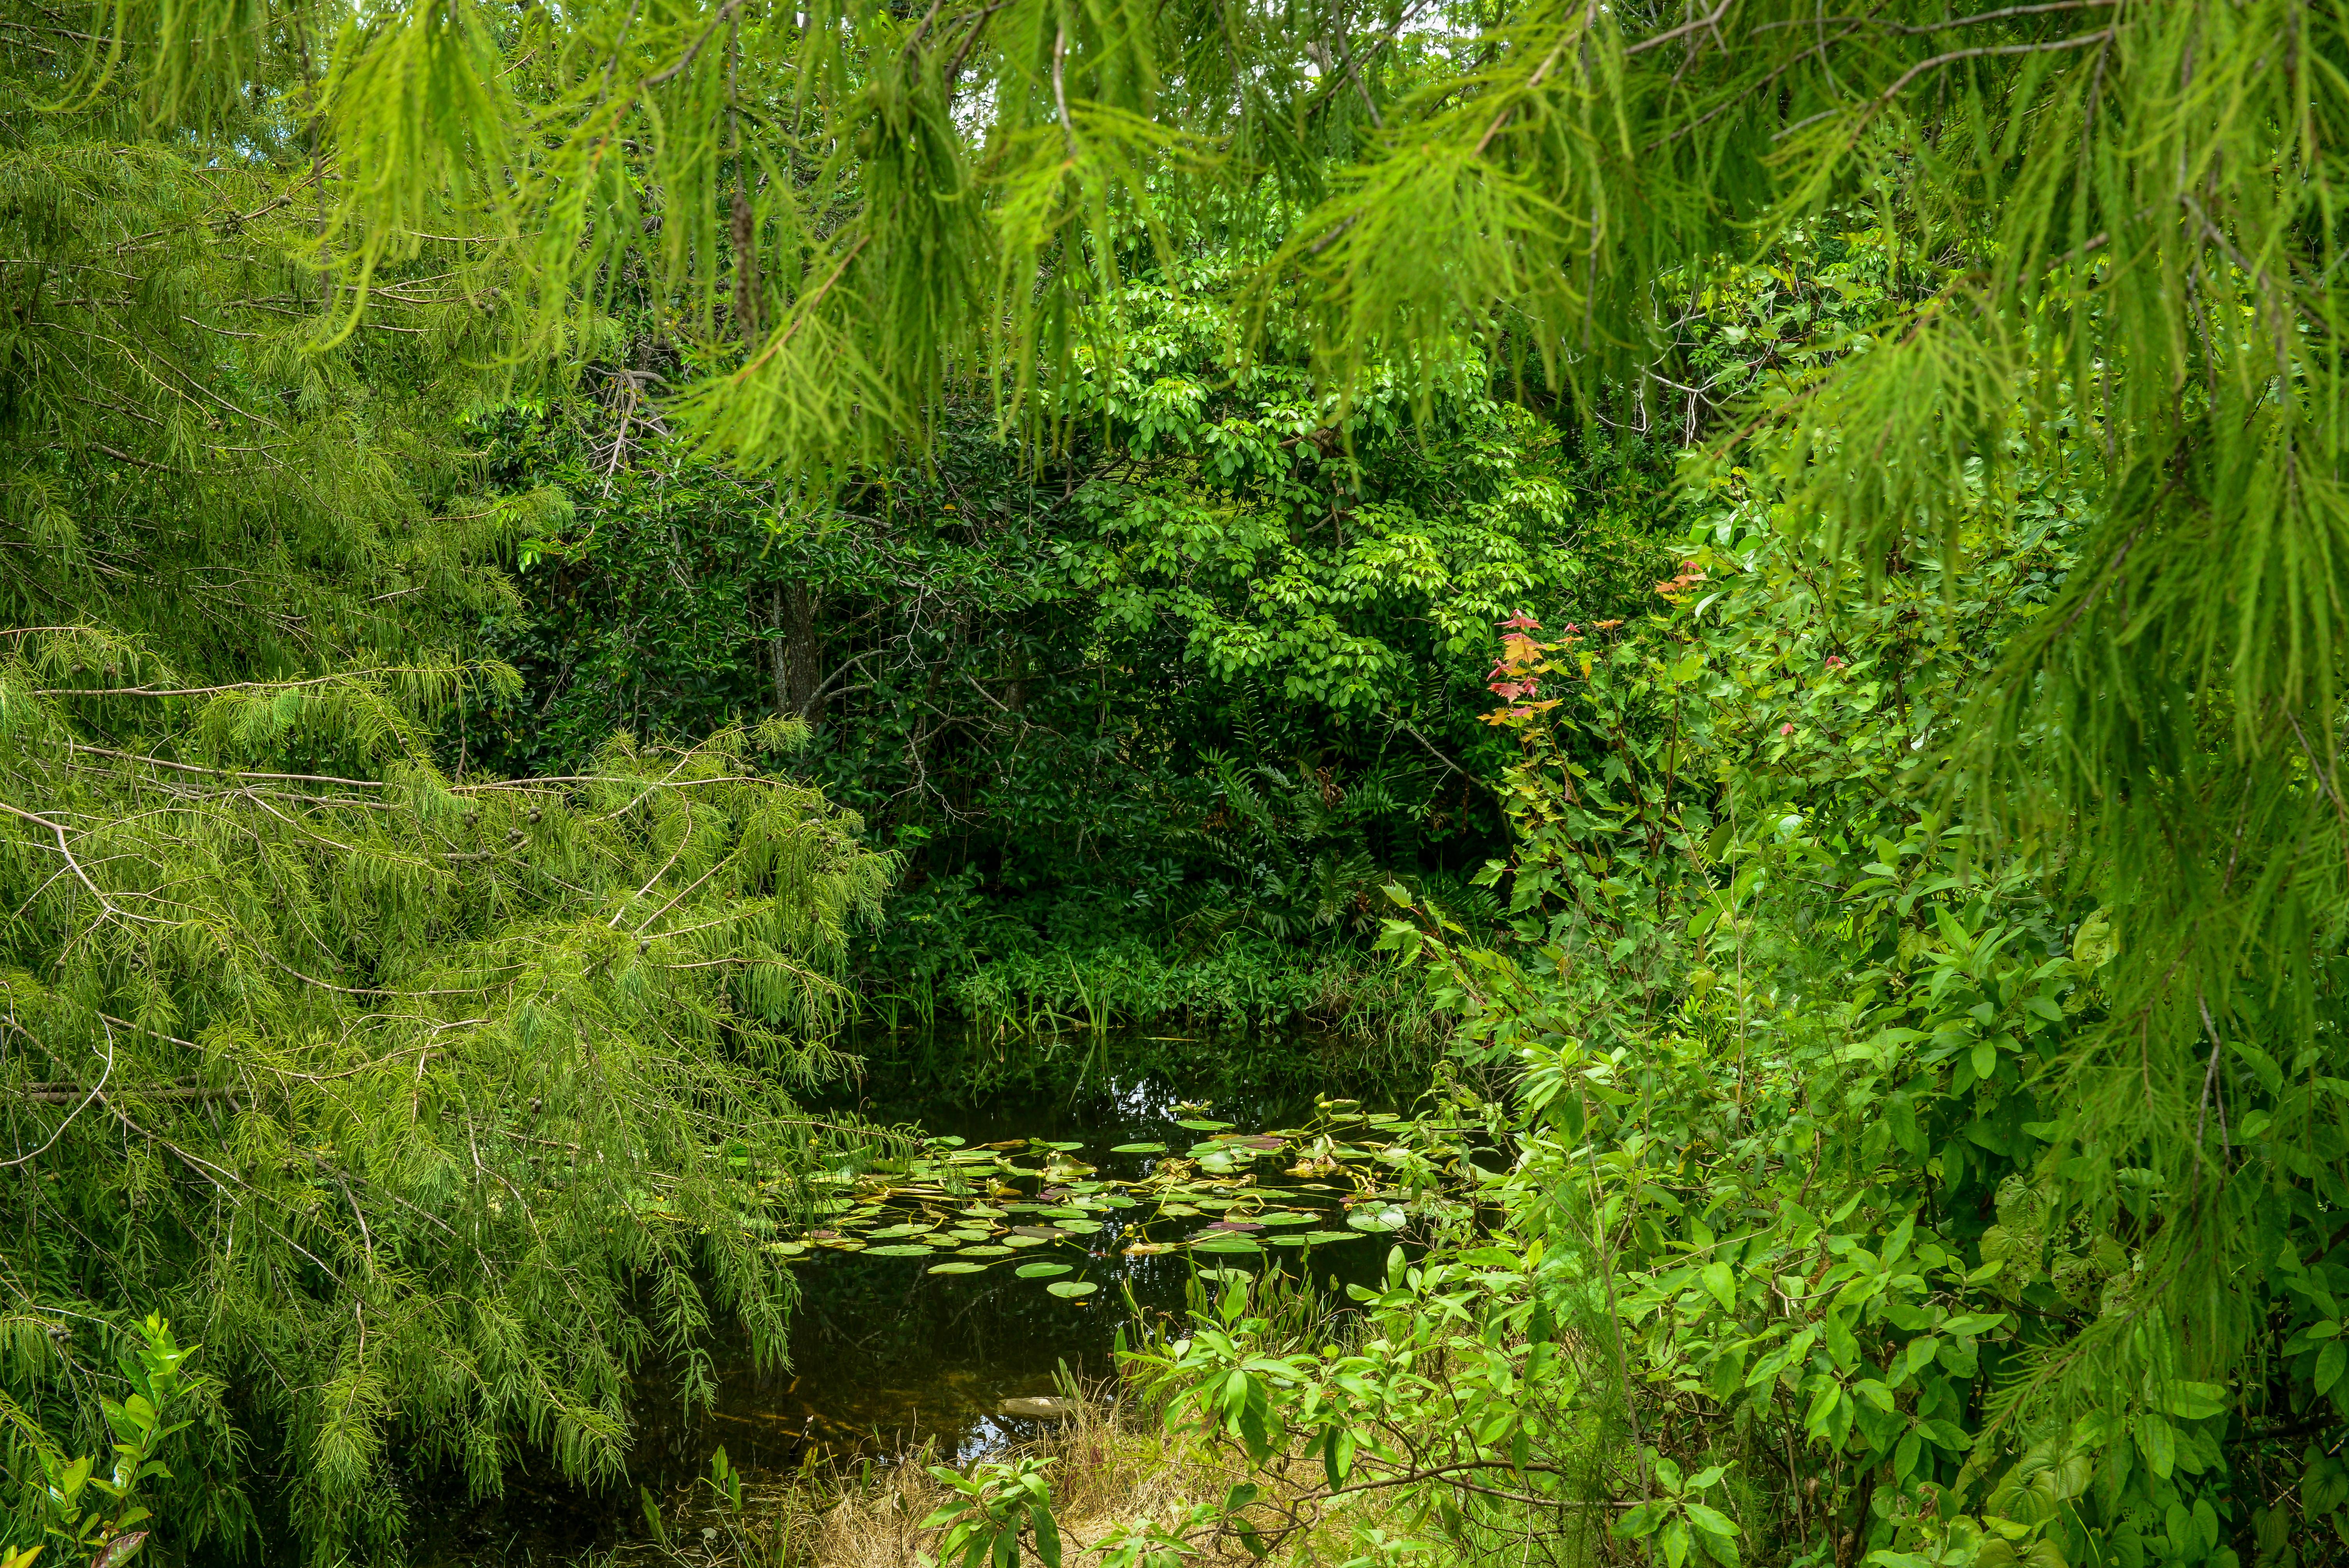 обои райский уголок, лес, парк, водоём картинки фото